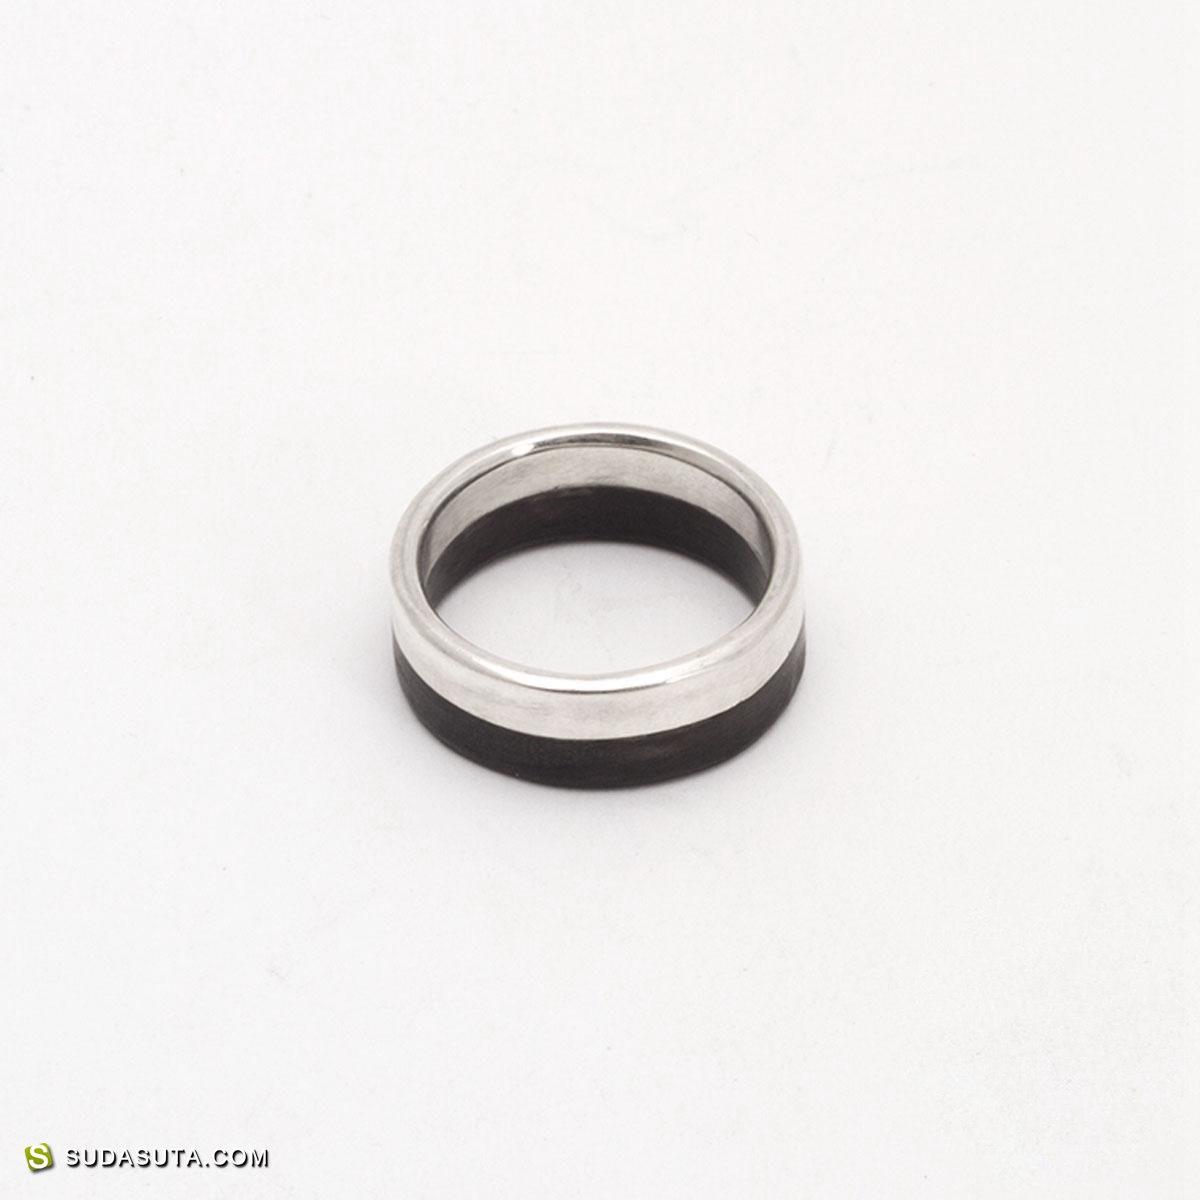 原创设计限定银饰 渐源色